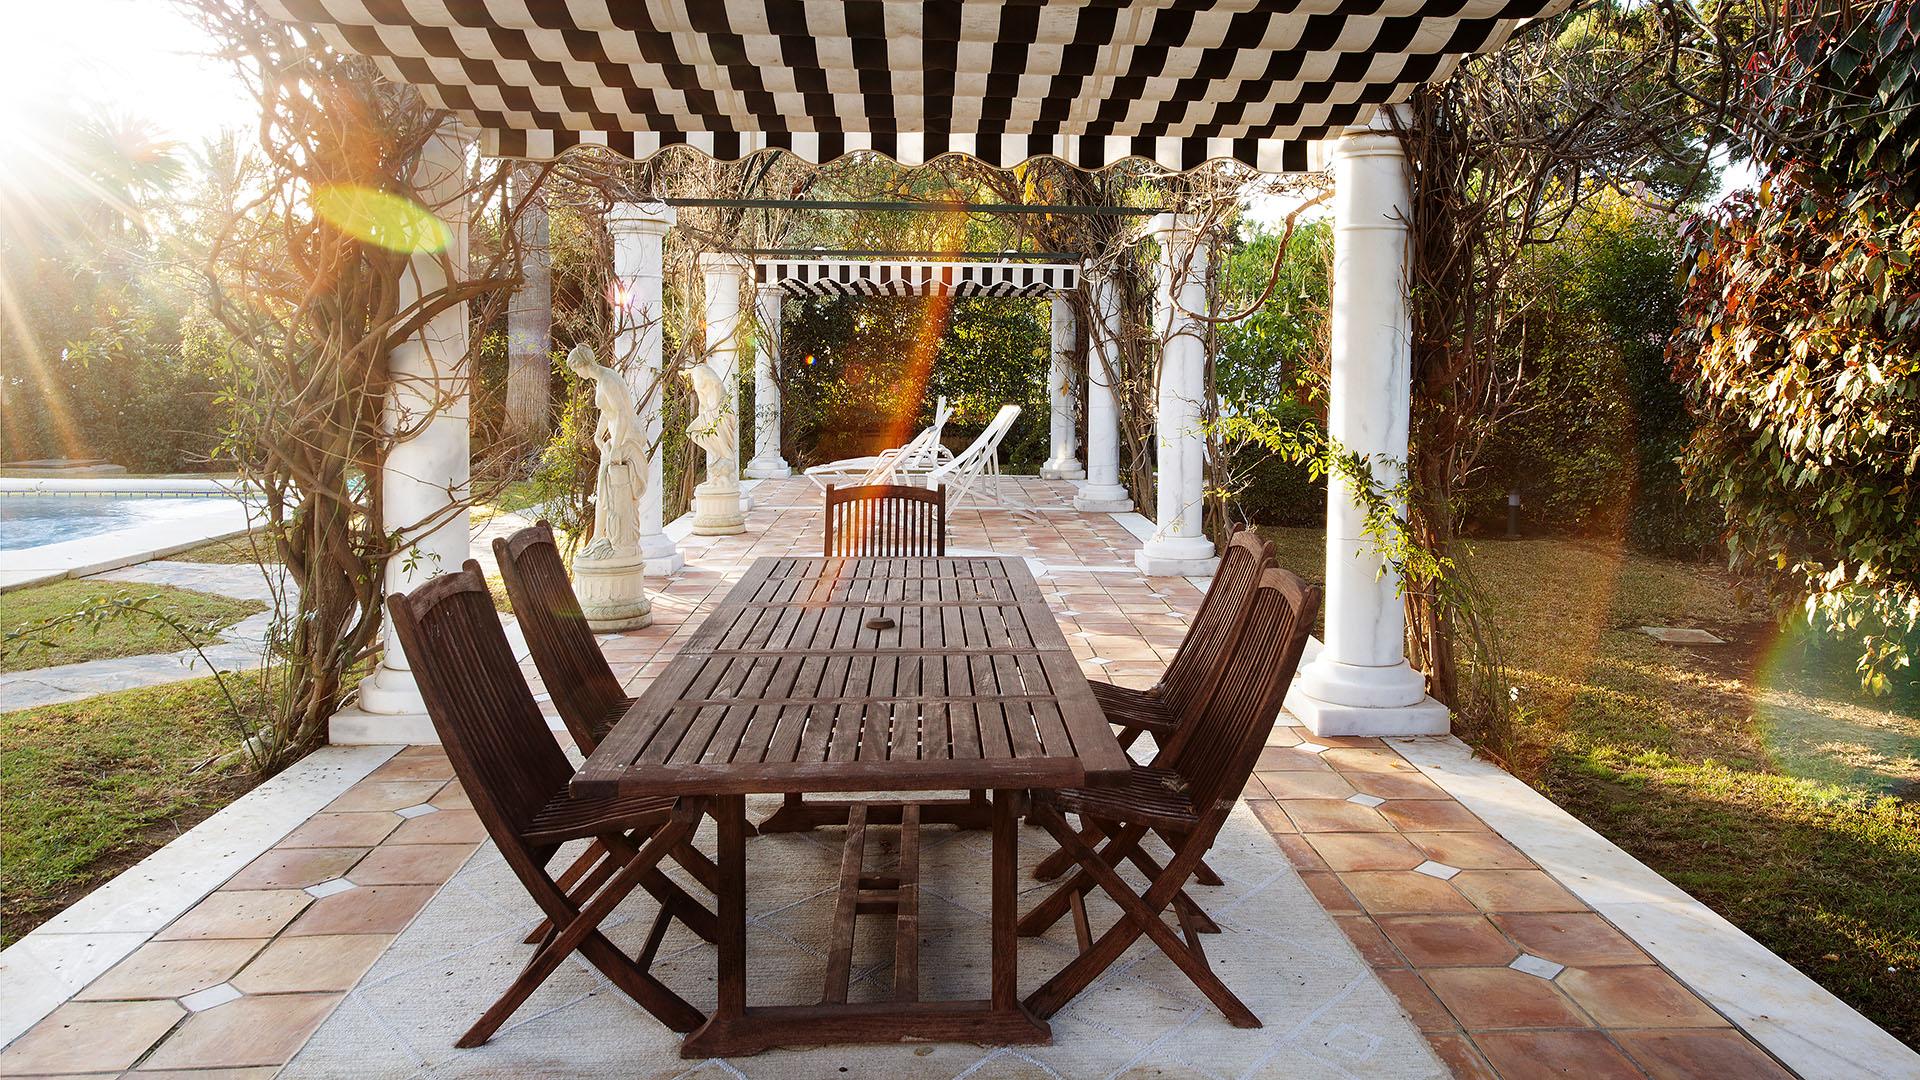 Villa Orquidea: Beautiful classic villa close to the beach in Marbella